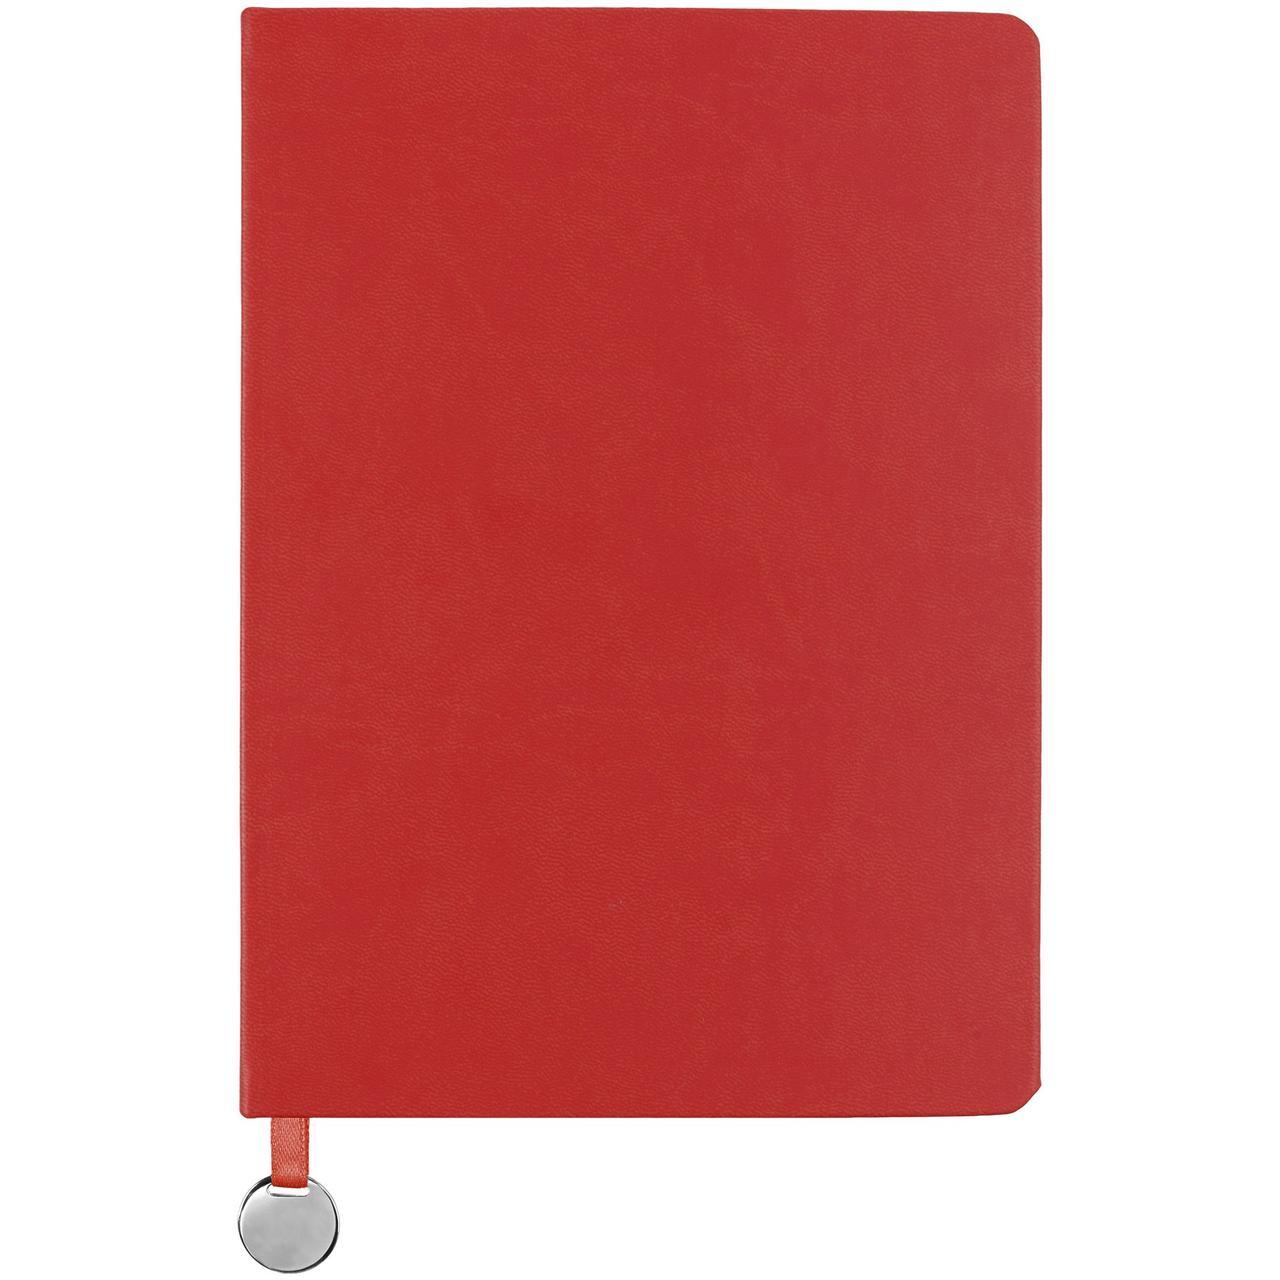 Ежедневник Exact, недатированный, красный (артикул 7882.50)